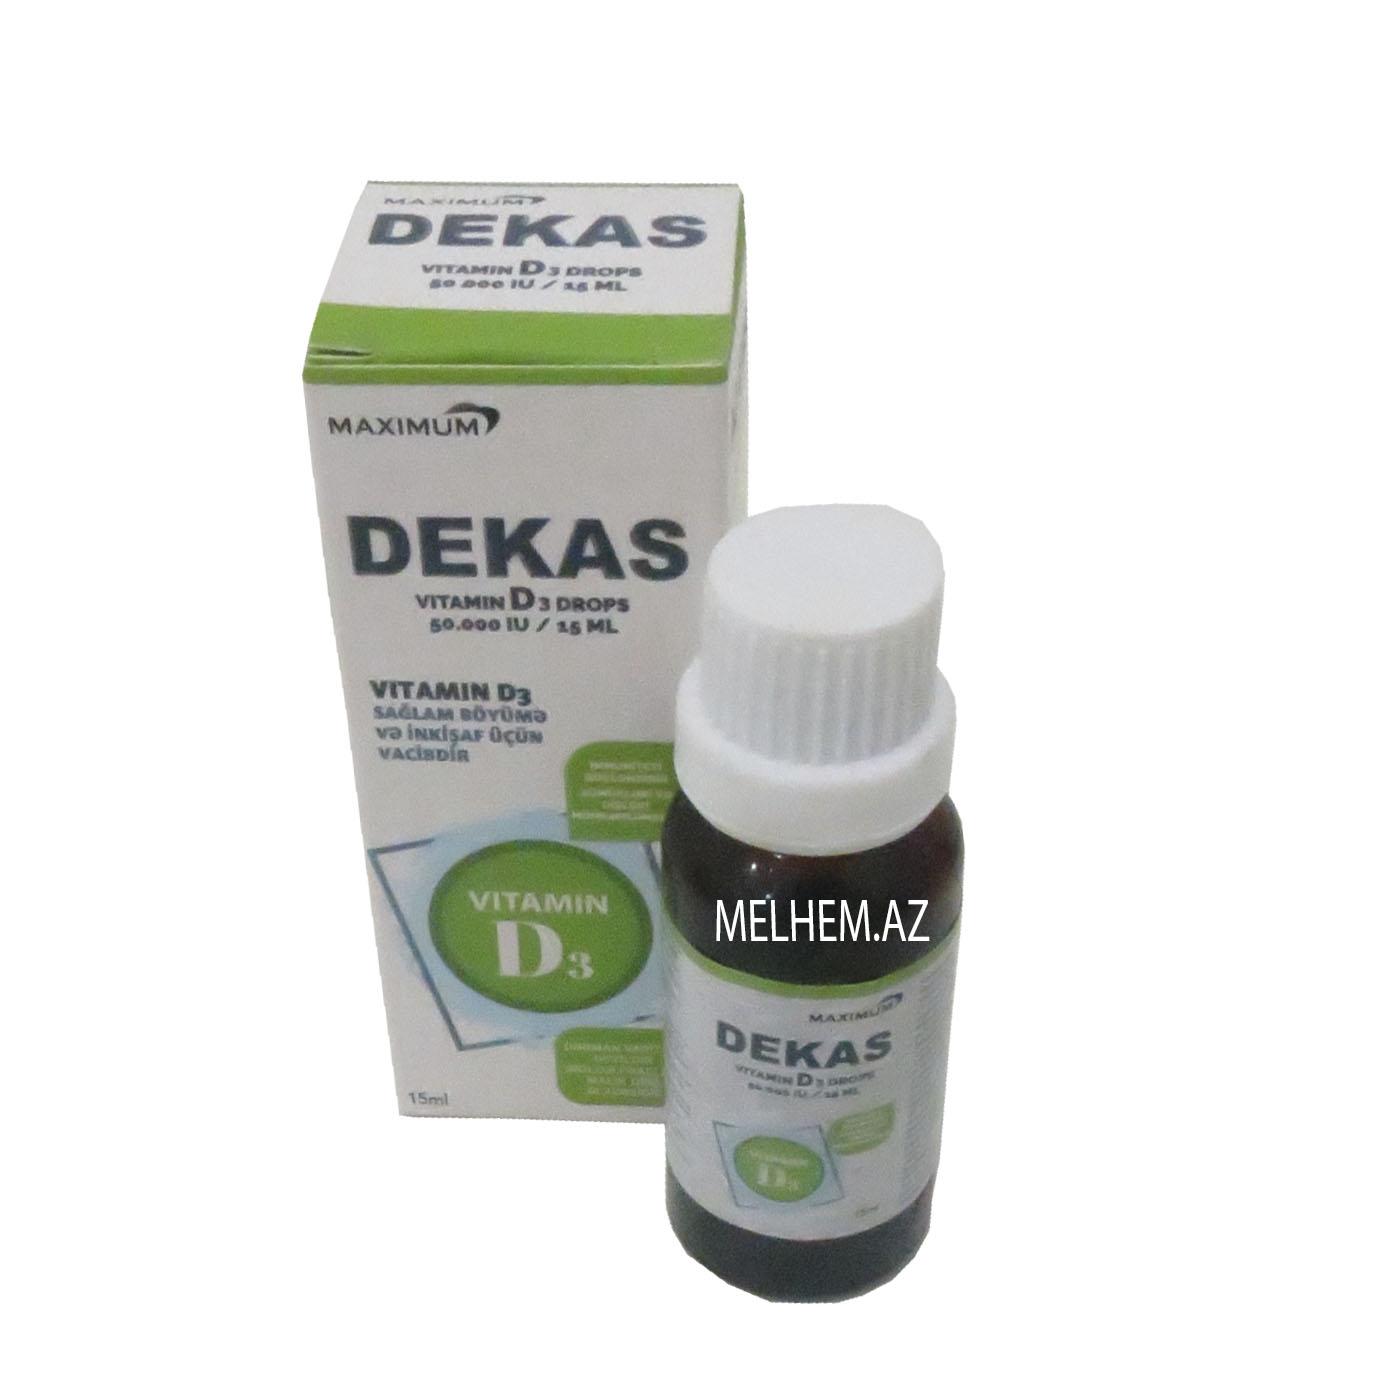 DEKAS